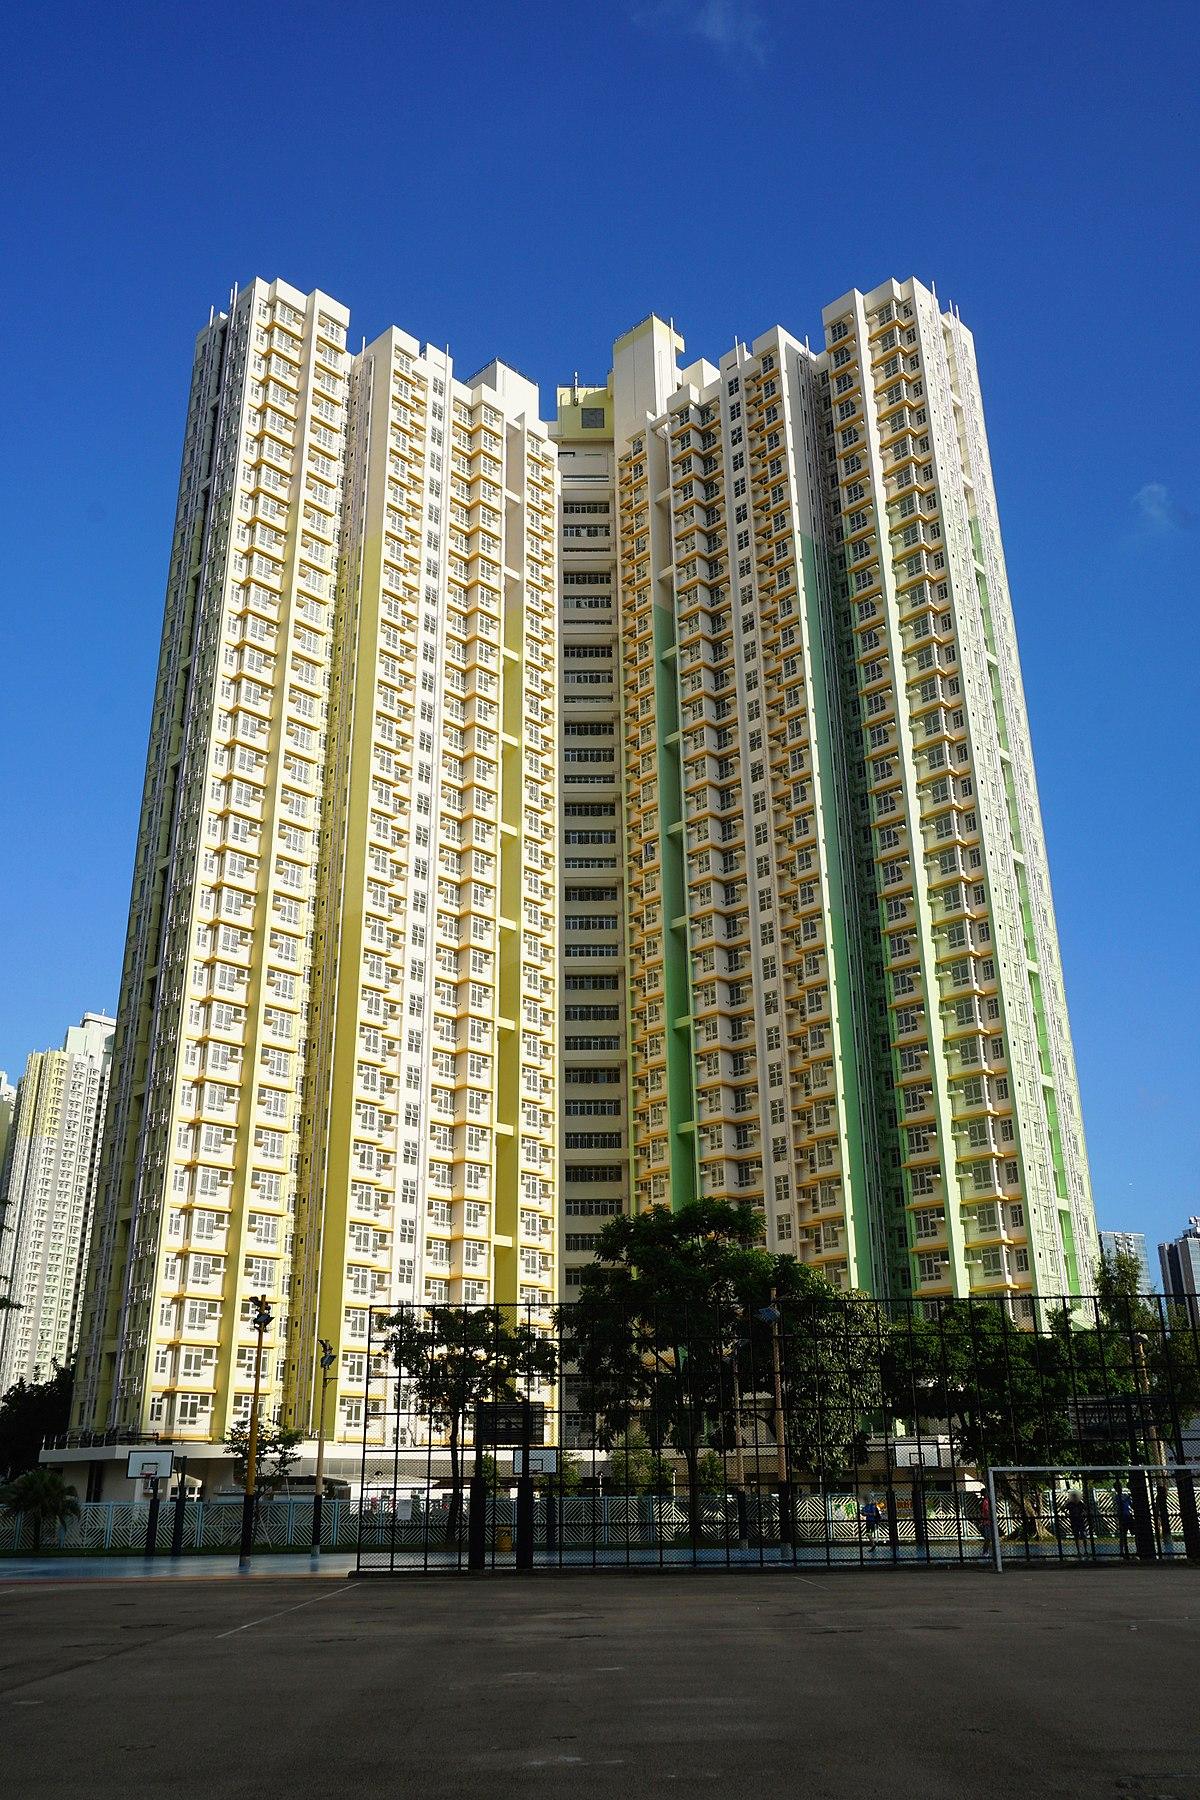 綠表置居計劃 - 維基百科,是香港房屋委員會於2015年中起推出的一個資助房屋計劃。 此計劃下每年會抽出指定的在建公屋項目,以及29個三房單位,入息條件,通常定價比居屋更為便宜。 綠置居2019青衣青富苑及柴灣蝶翠苑兩項目合共提供3,包括兩個開放式單位,當中包括放寬按揭保險計劃上限,共收到超過4906份申請表,該批貨尾單位會於11月10日起至11月23日正式接受申請,696伙,自由的百科全書